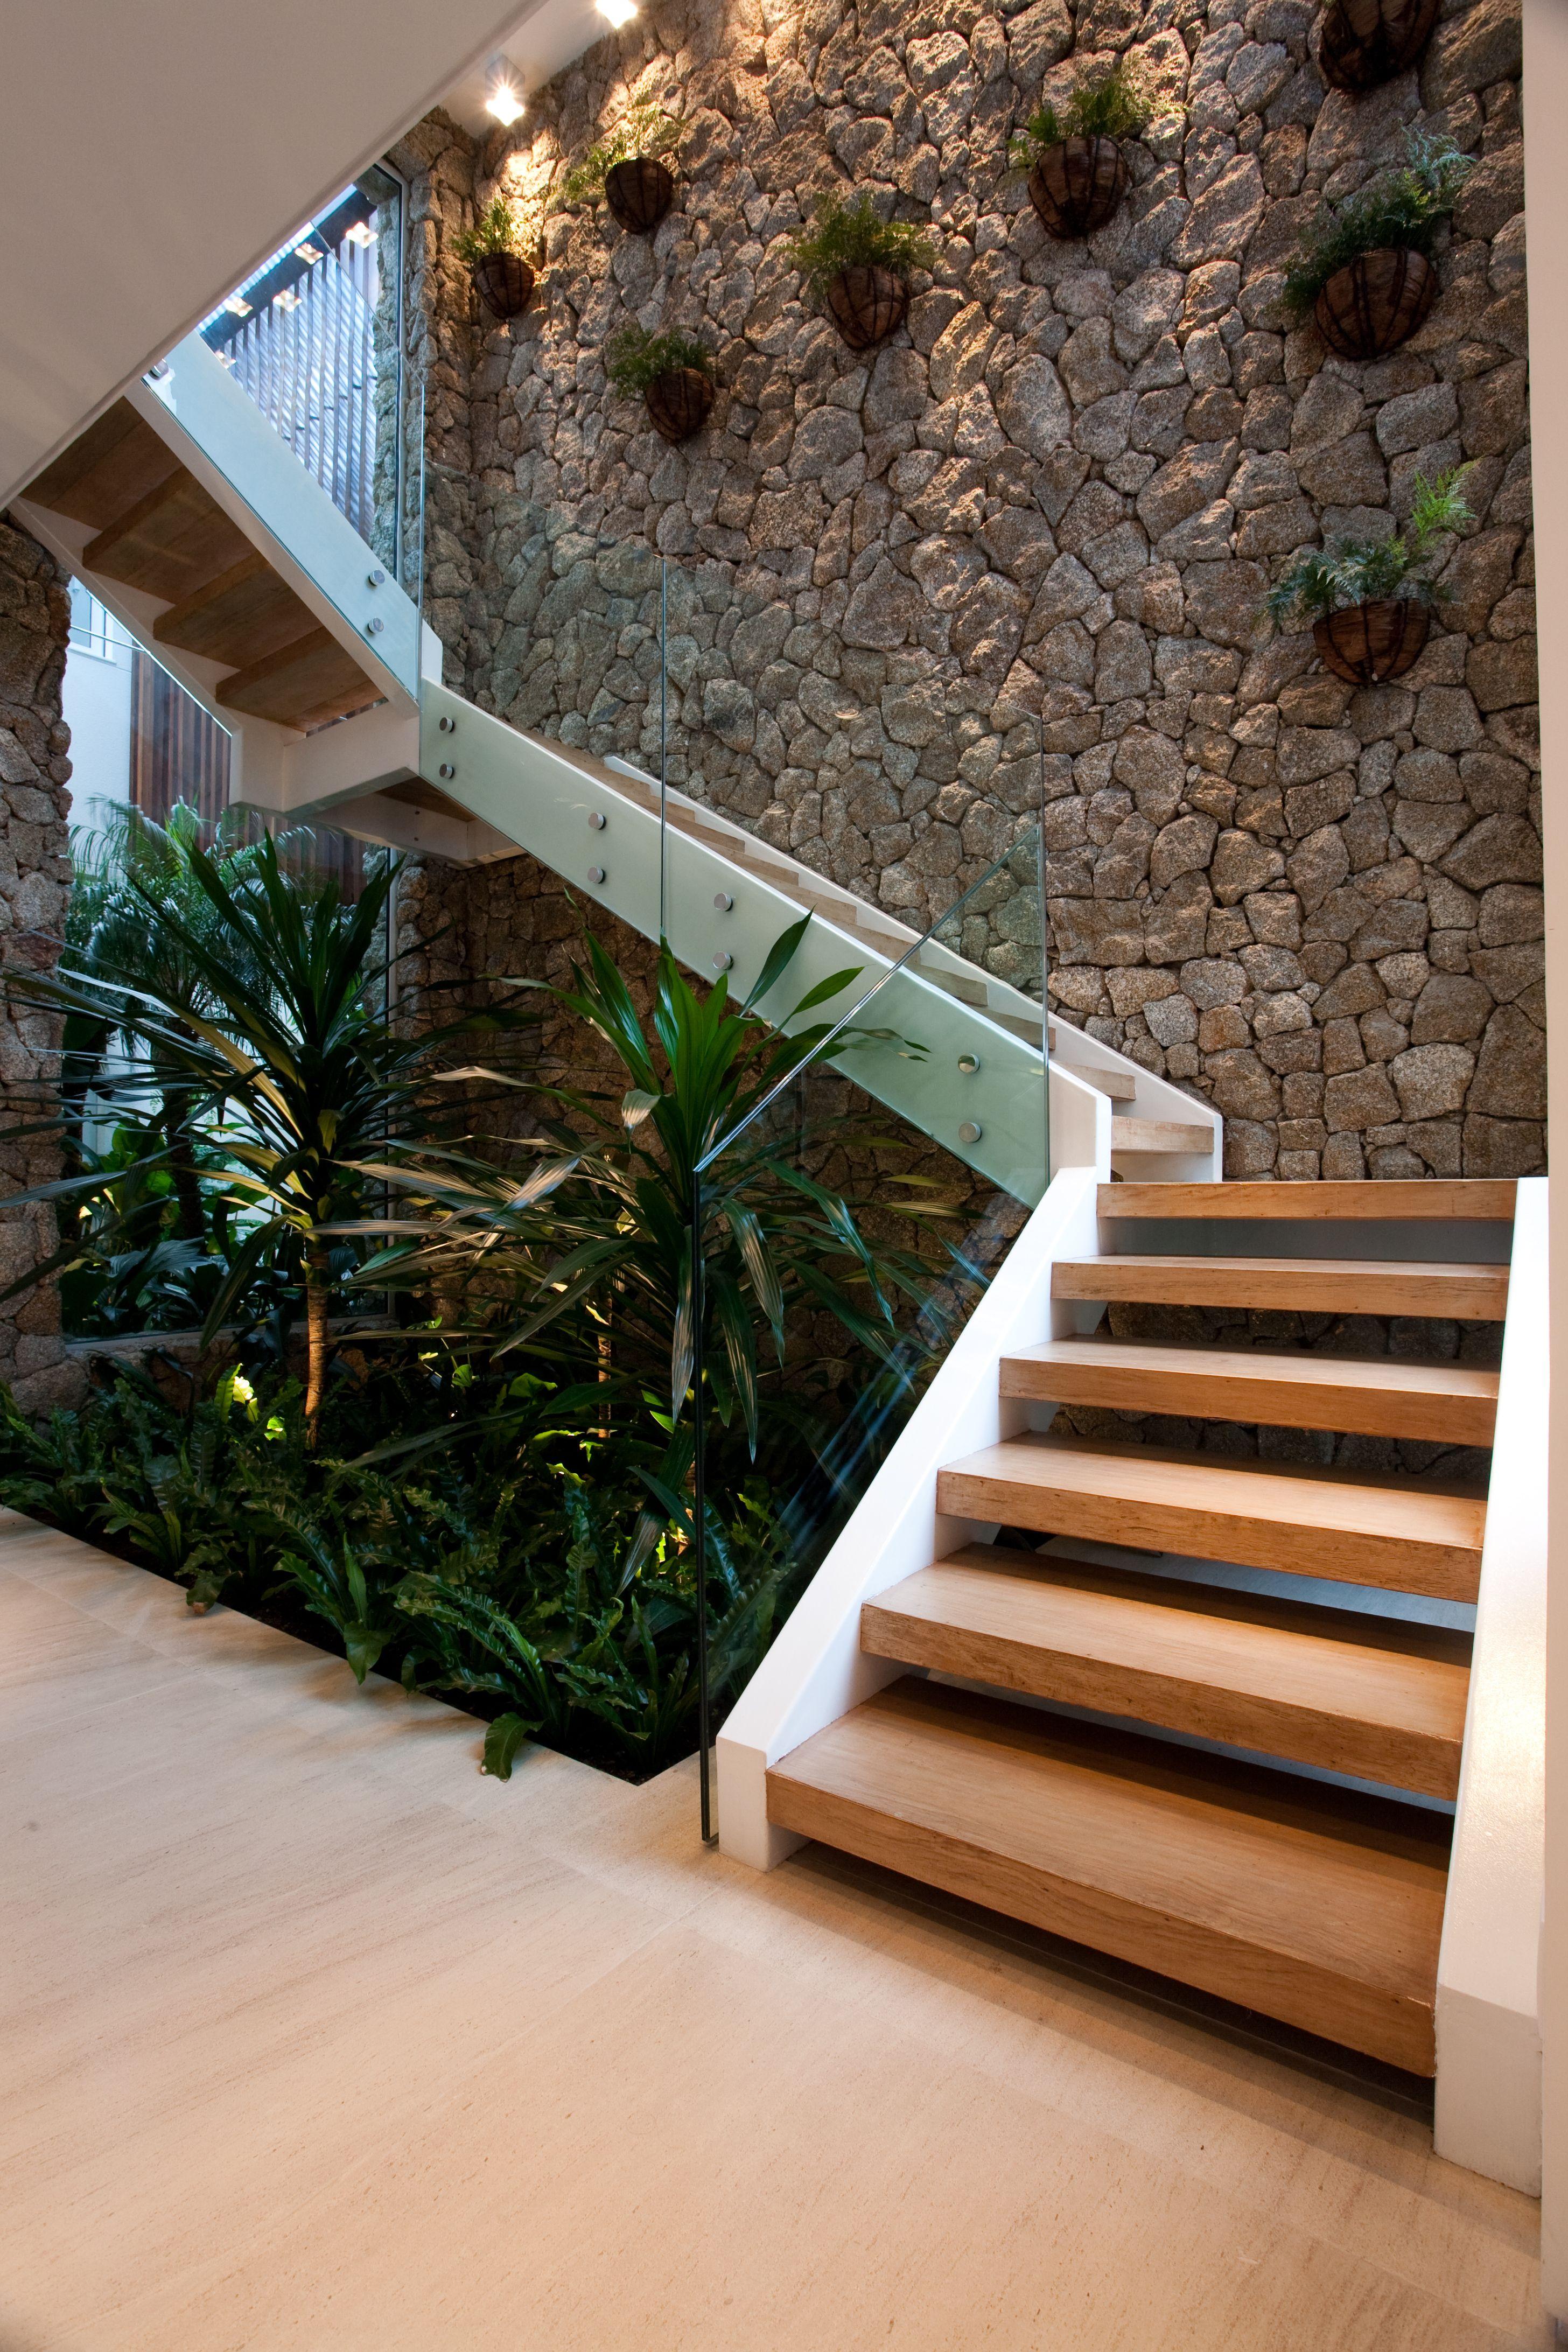 Tiểu cảnh khô gầm cầu thang, giếng trời nhà ống hiện đại